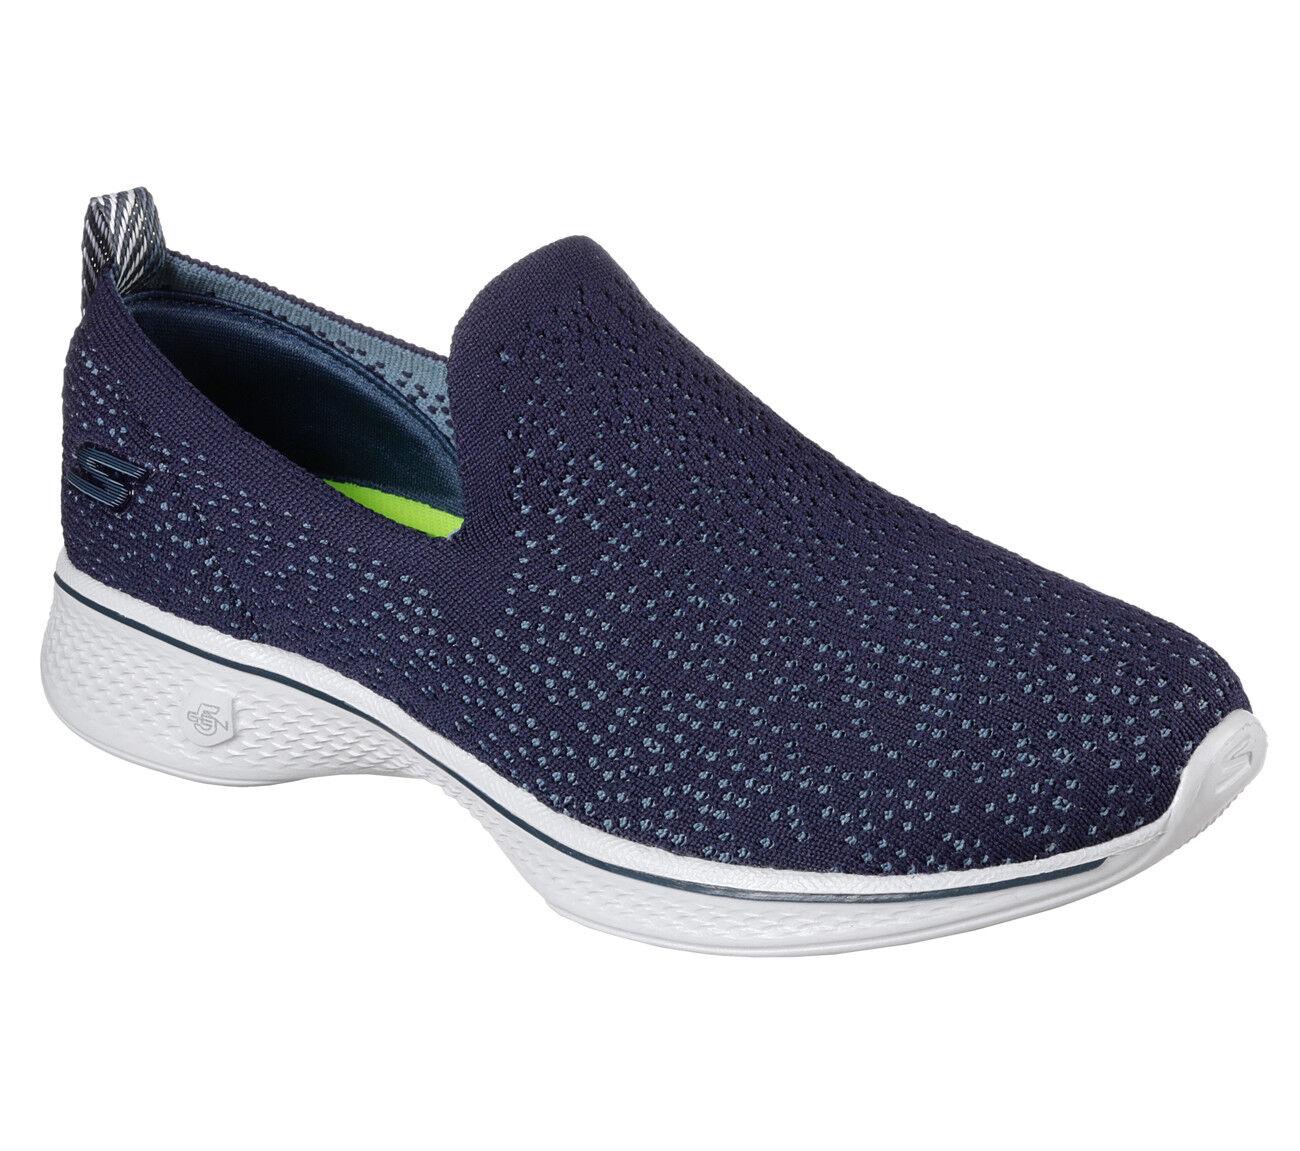 NEU SKECHERS Damen Fitness Sneakers GO WALK 4 GIFTED Blau QMbWY